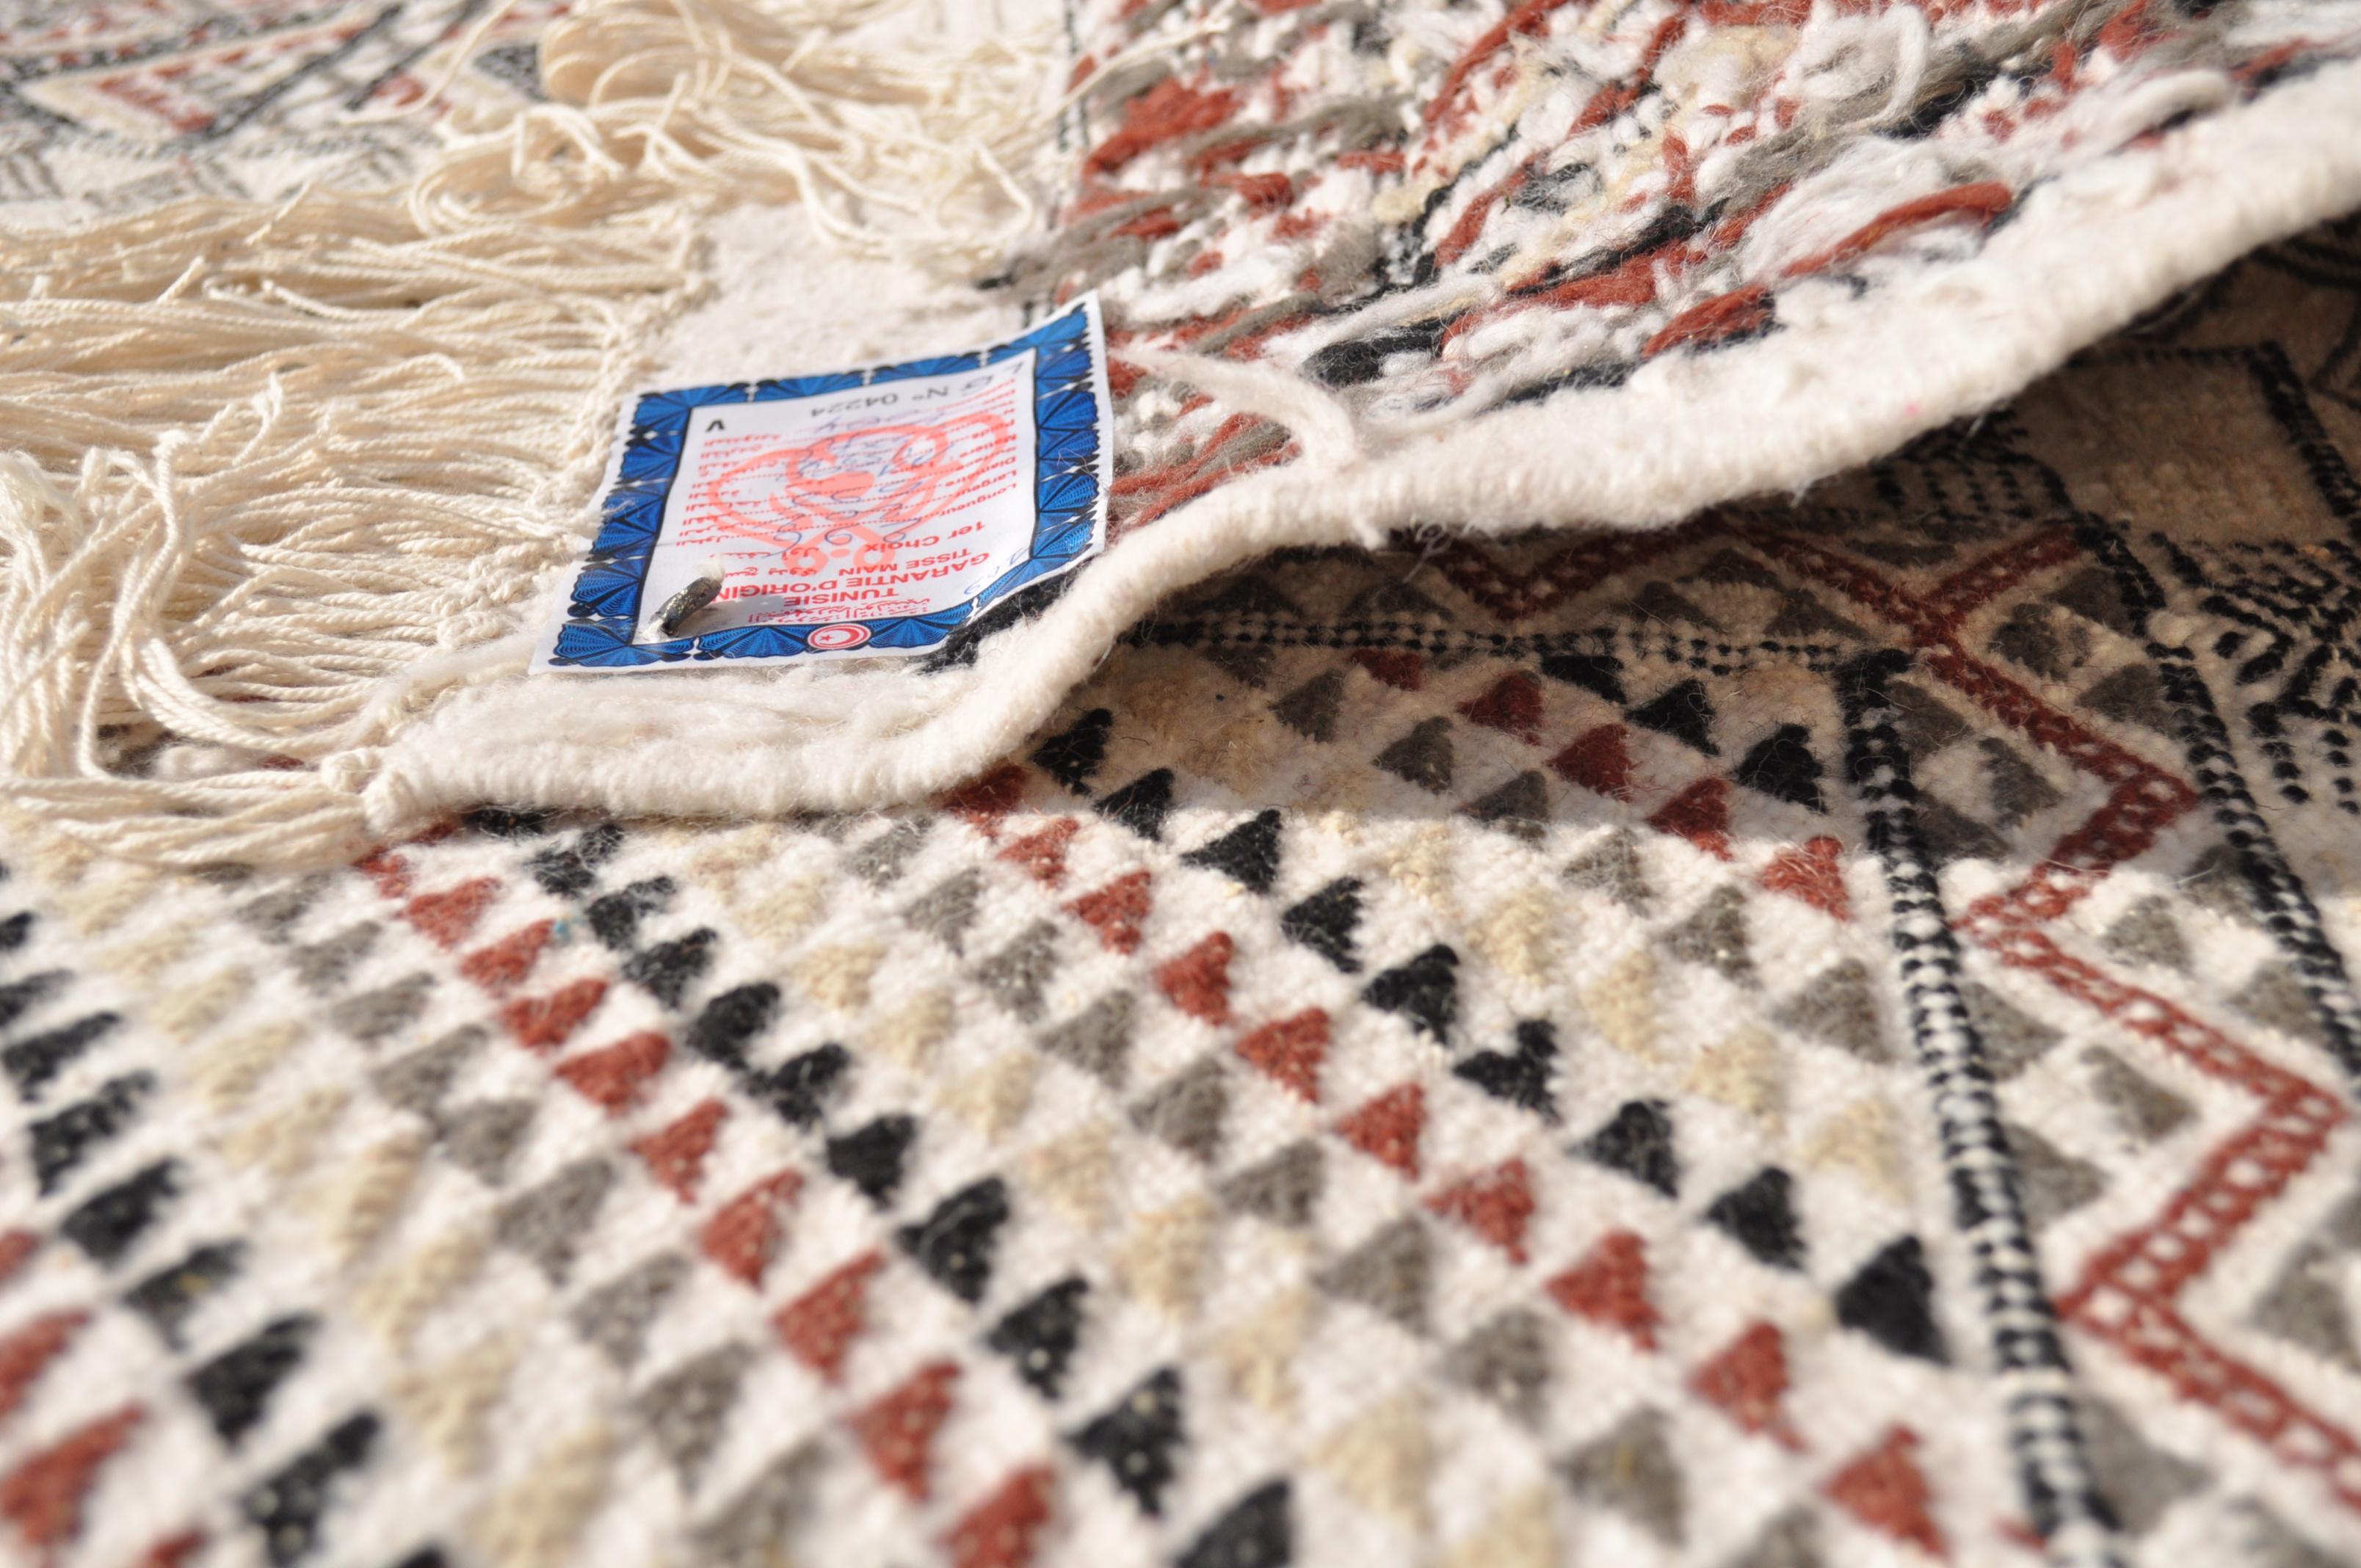 grands tapis tapis kilims et mergoums de tunisie et maroc 200 x 300 cm tapis safari. Black Bedroom Furniture Sets. Home Design Ideas